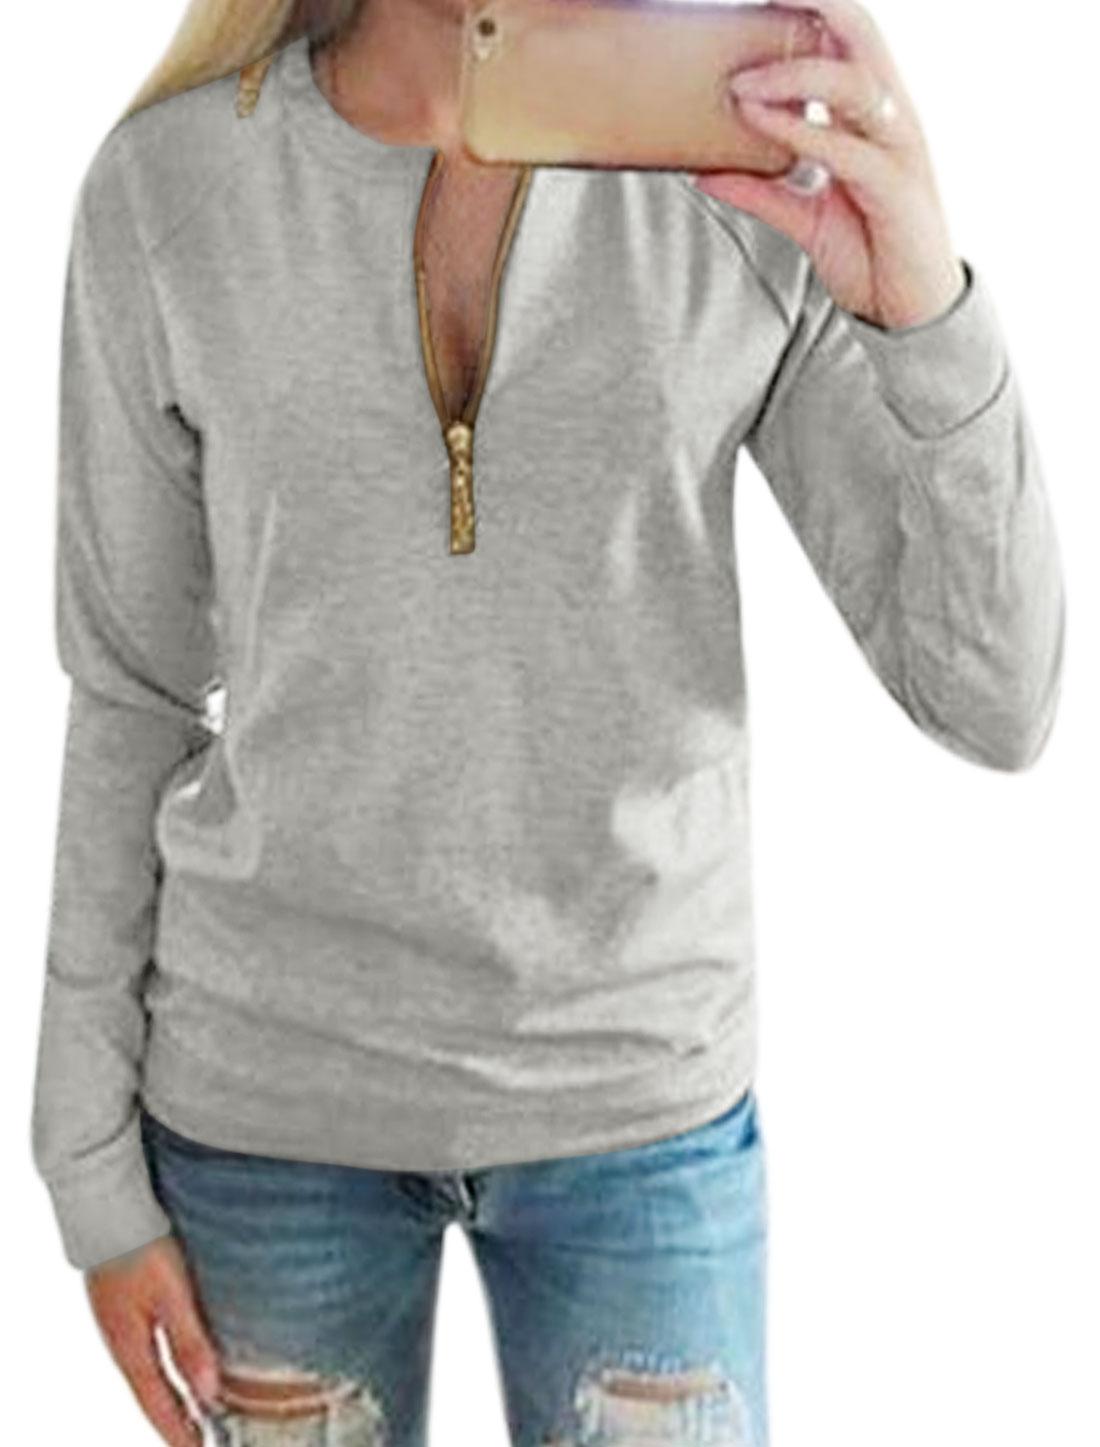 Women Crew Neck Long Sleeves Zipper Upper Chains Decor Top Gray M